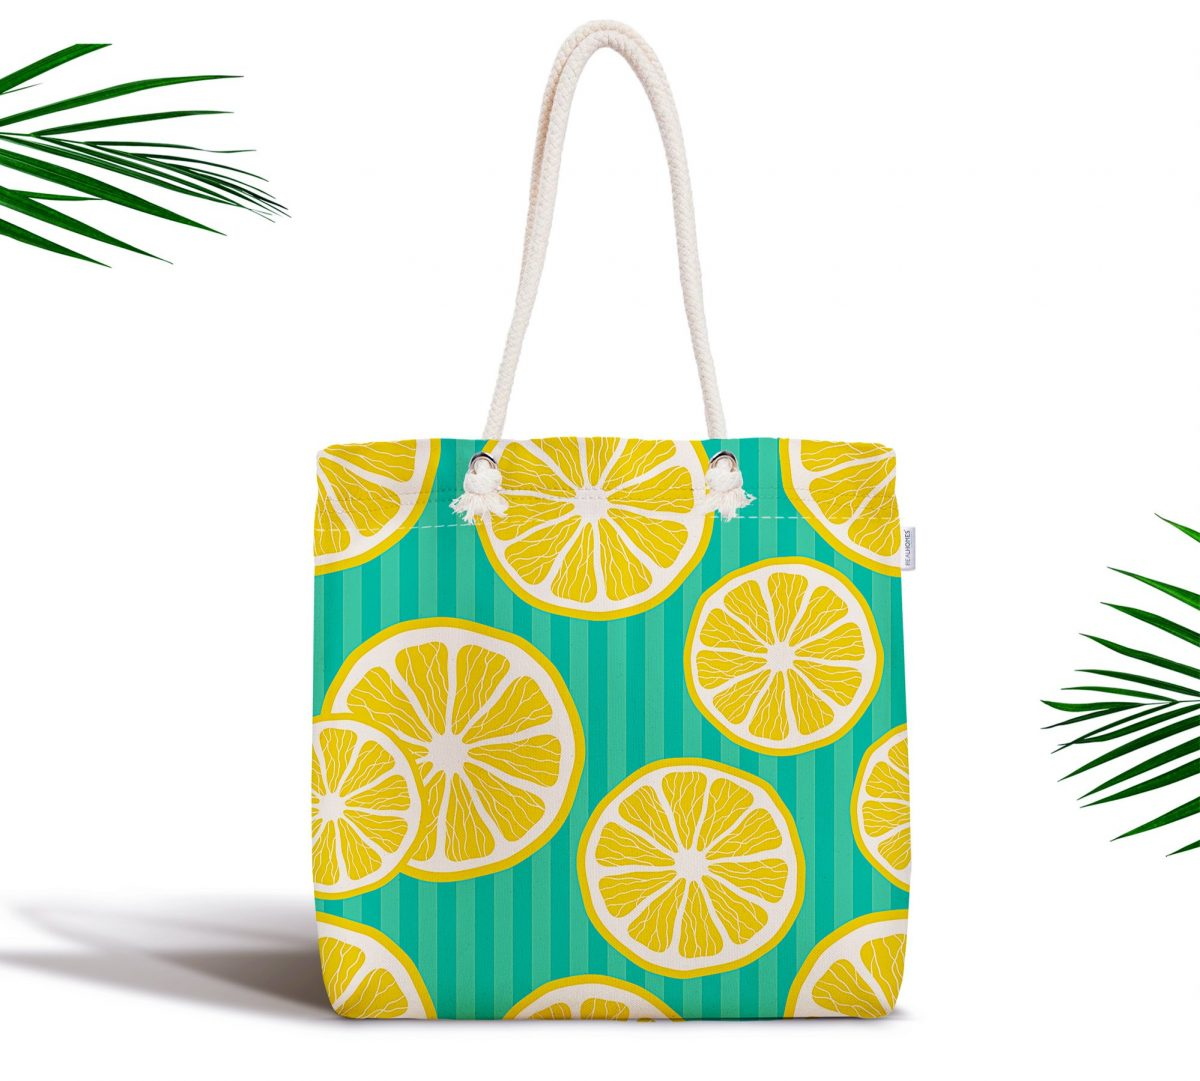 Yeşil Zeminde Limonlar Özel Tasarımlı Fermuarlı Bez Çanta Realhomes